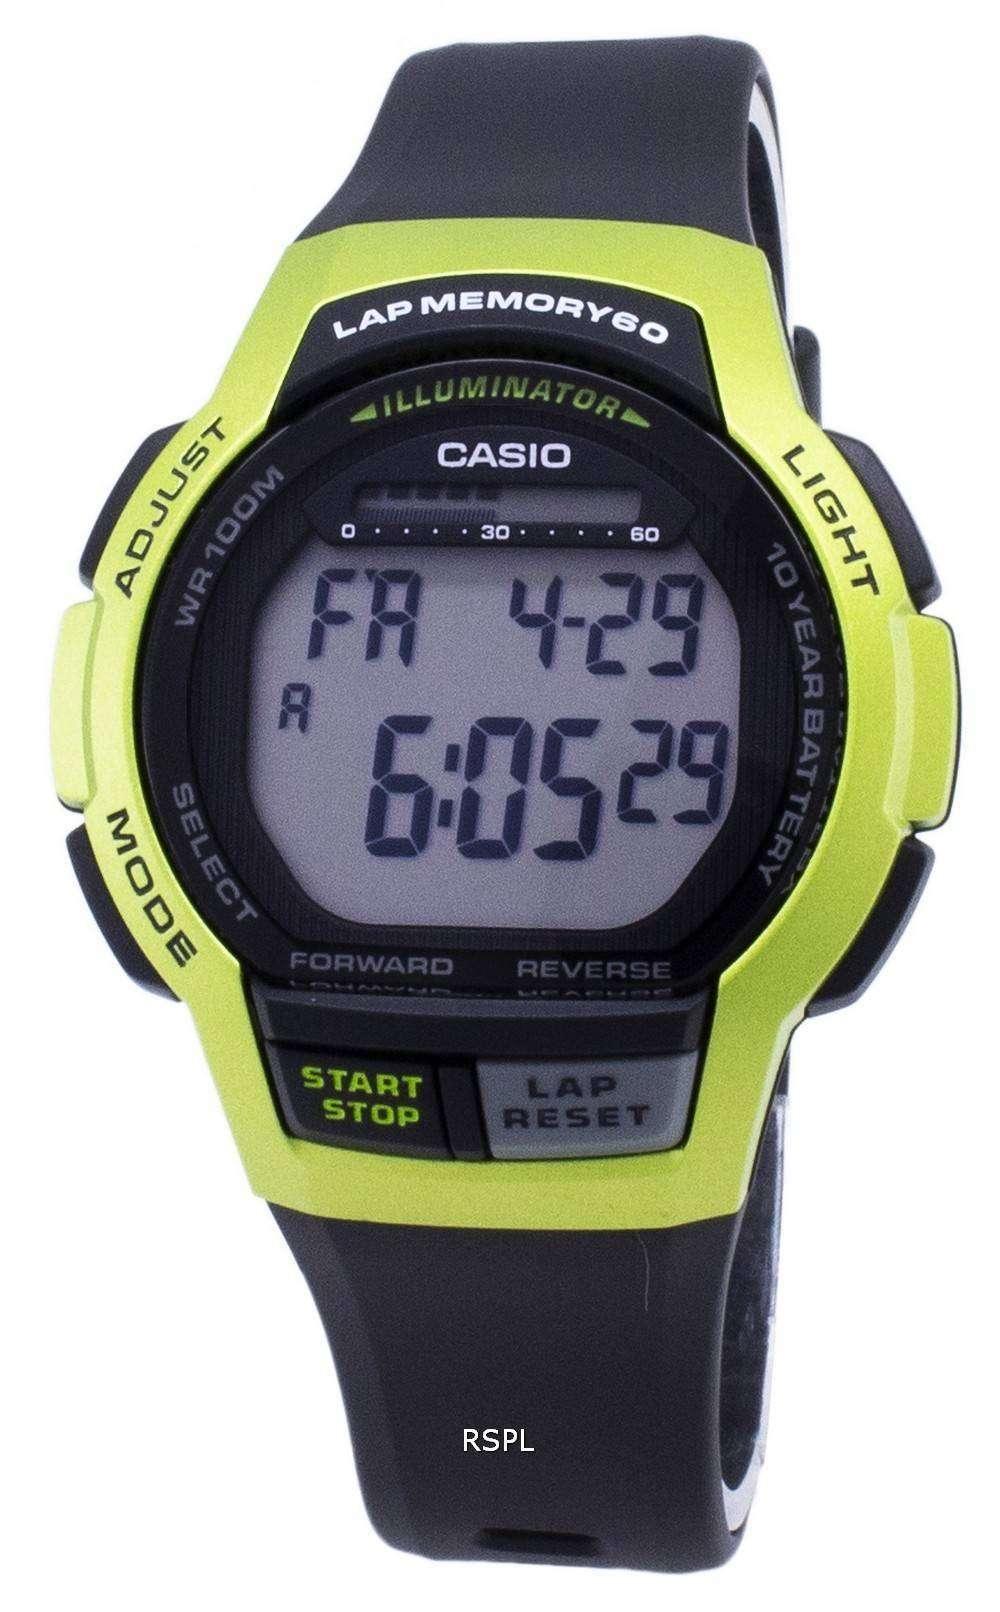 カシオ青年 WS 1000 H 3AV WS1000H 3AV 照明デジタル メンズ腕時計